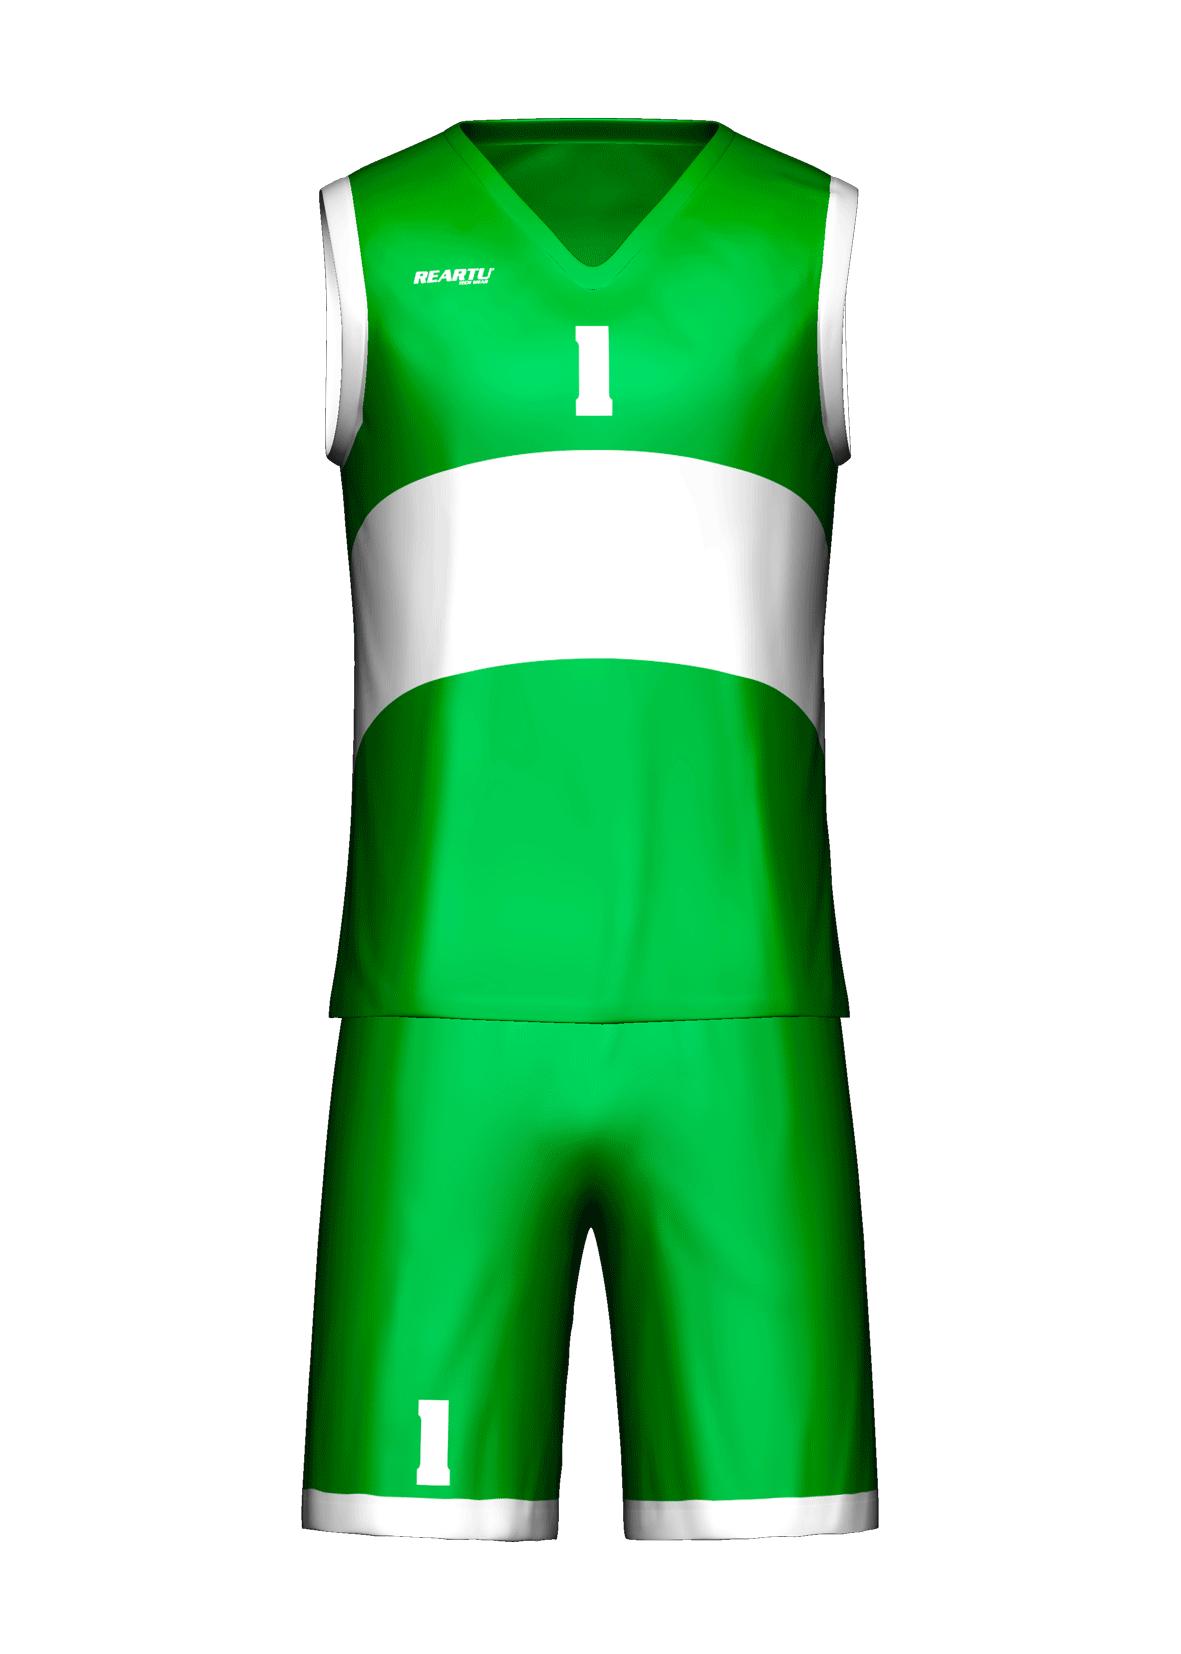 basket-divisa5-ant